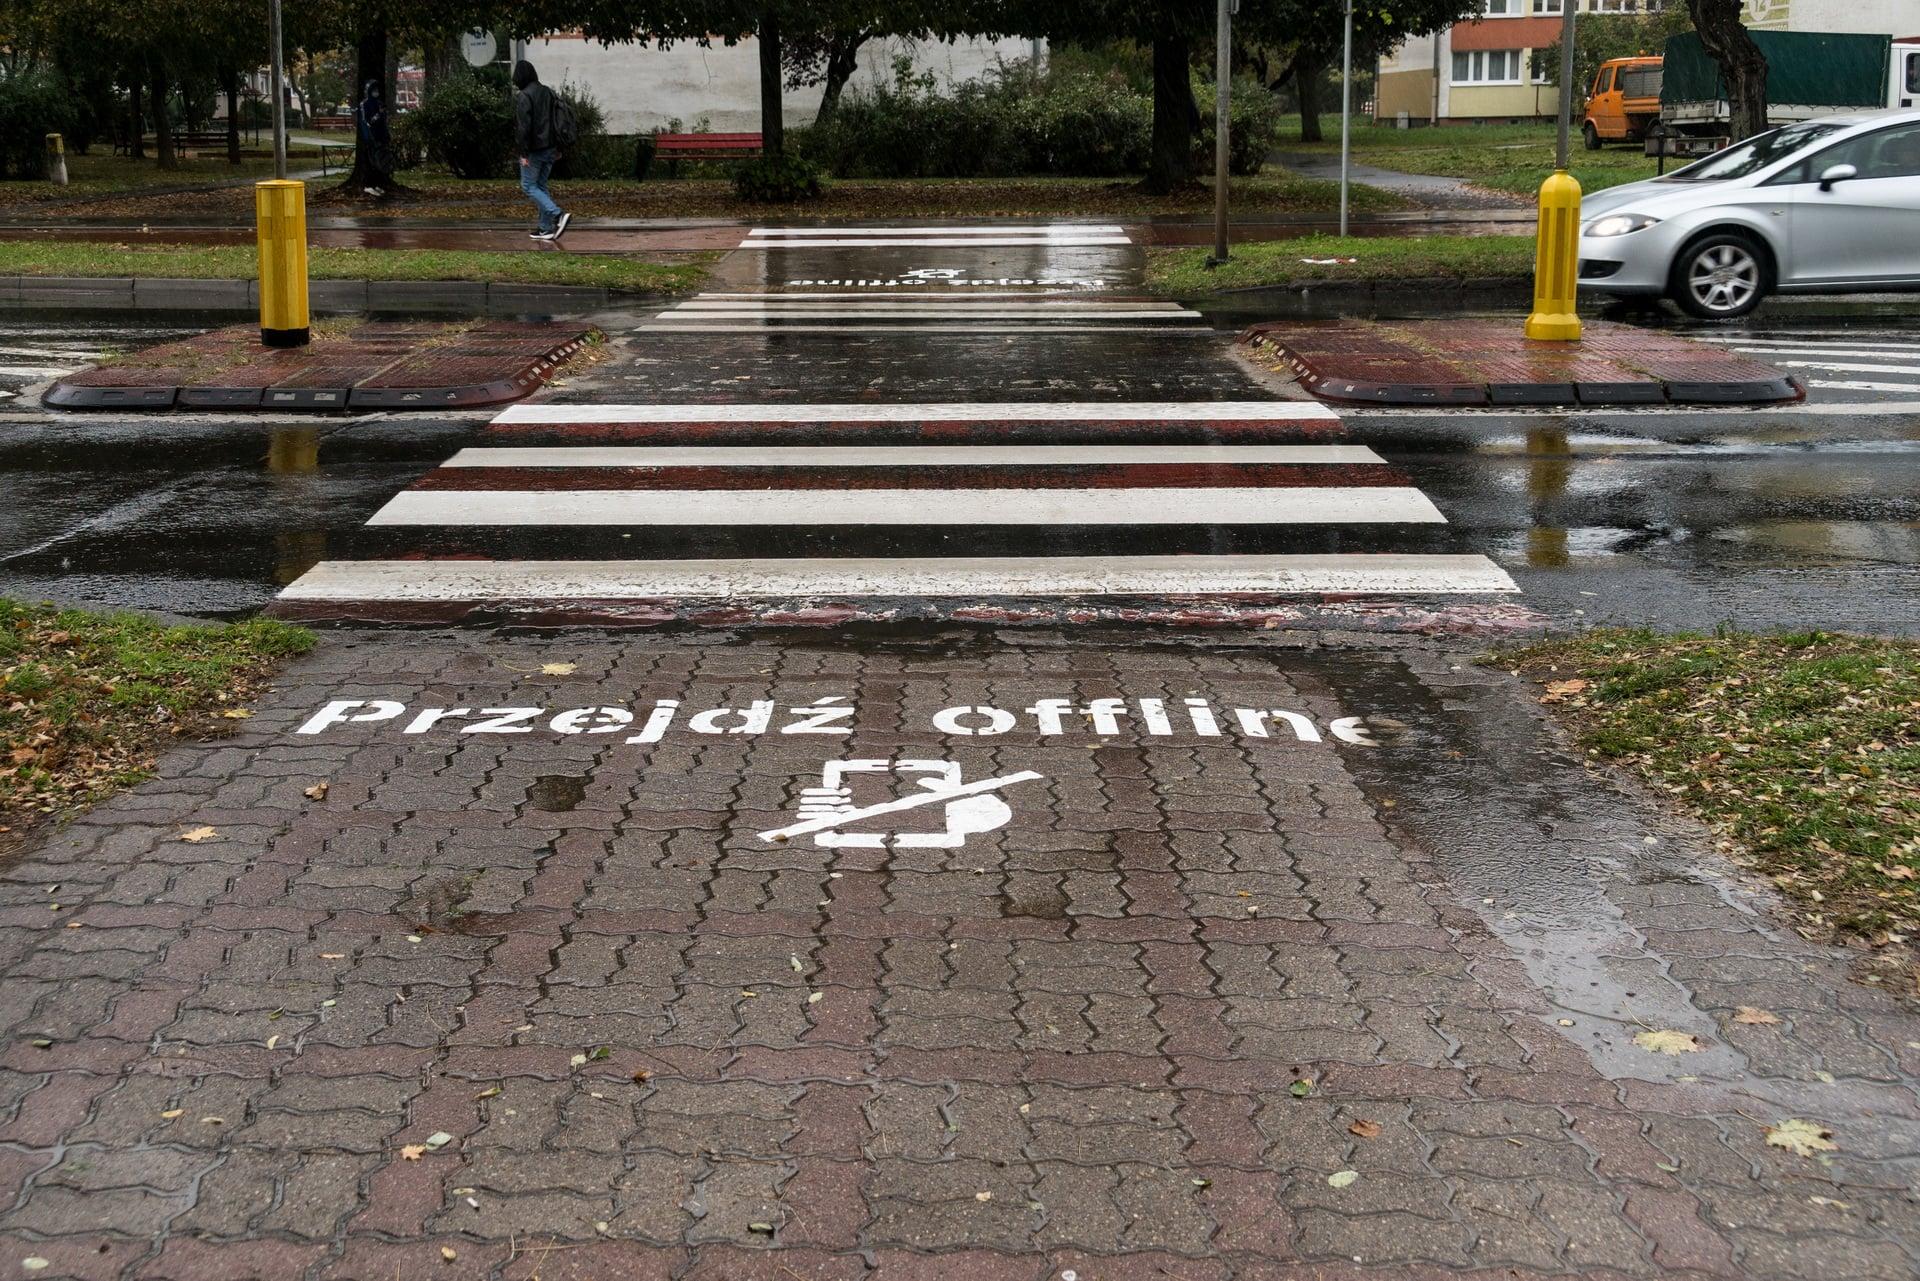 Bez fona na przejściu dla pieszych